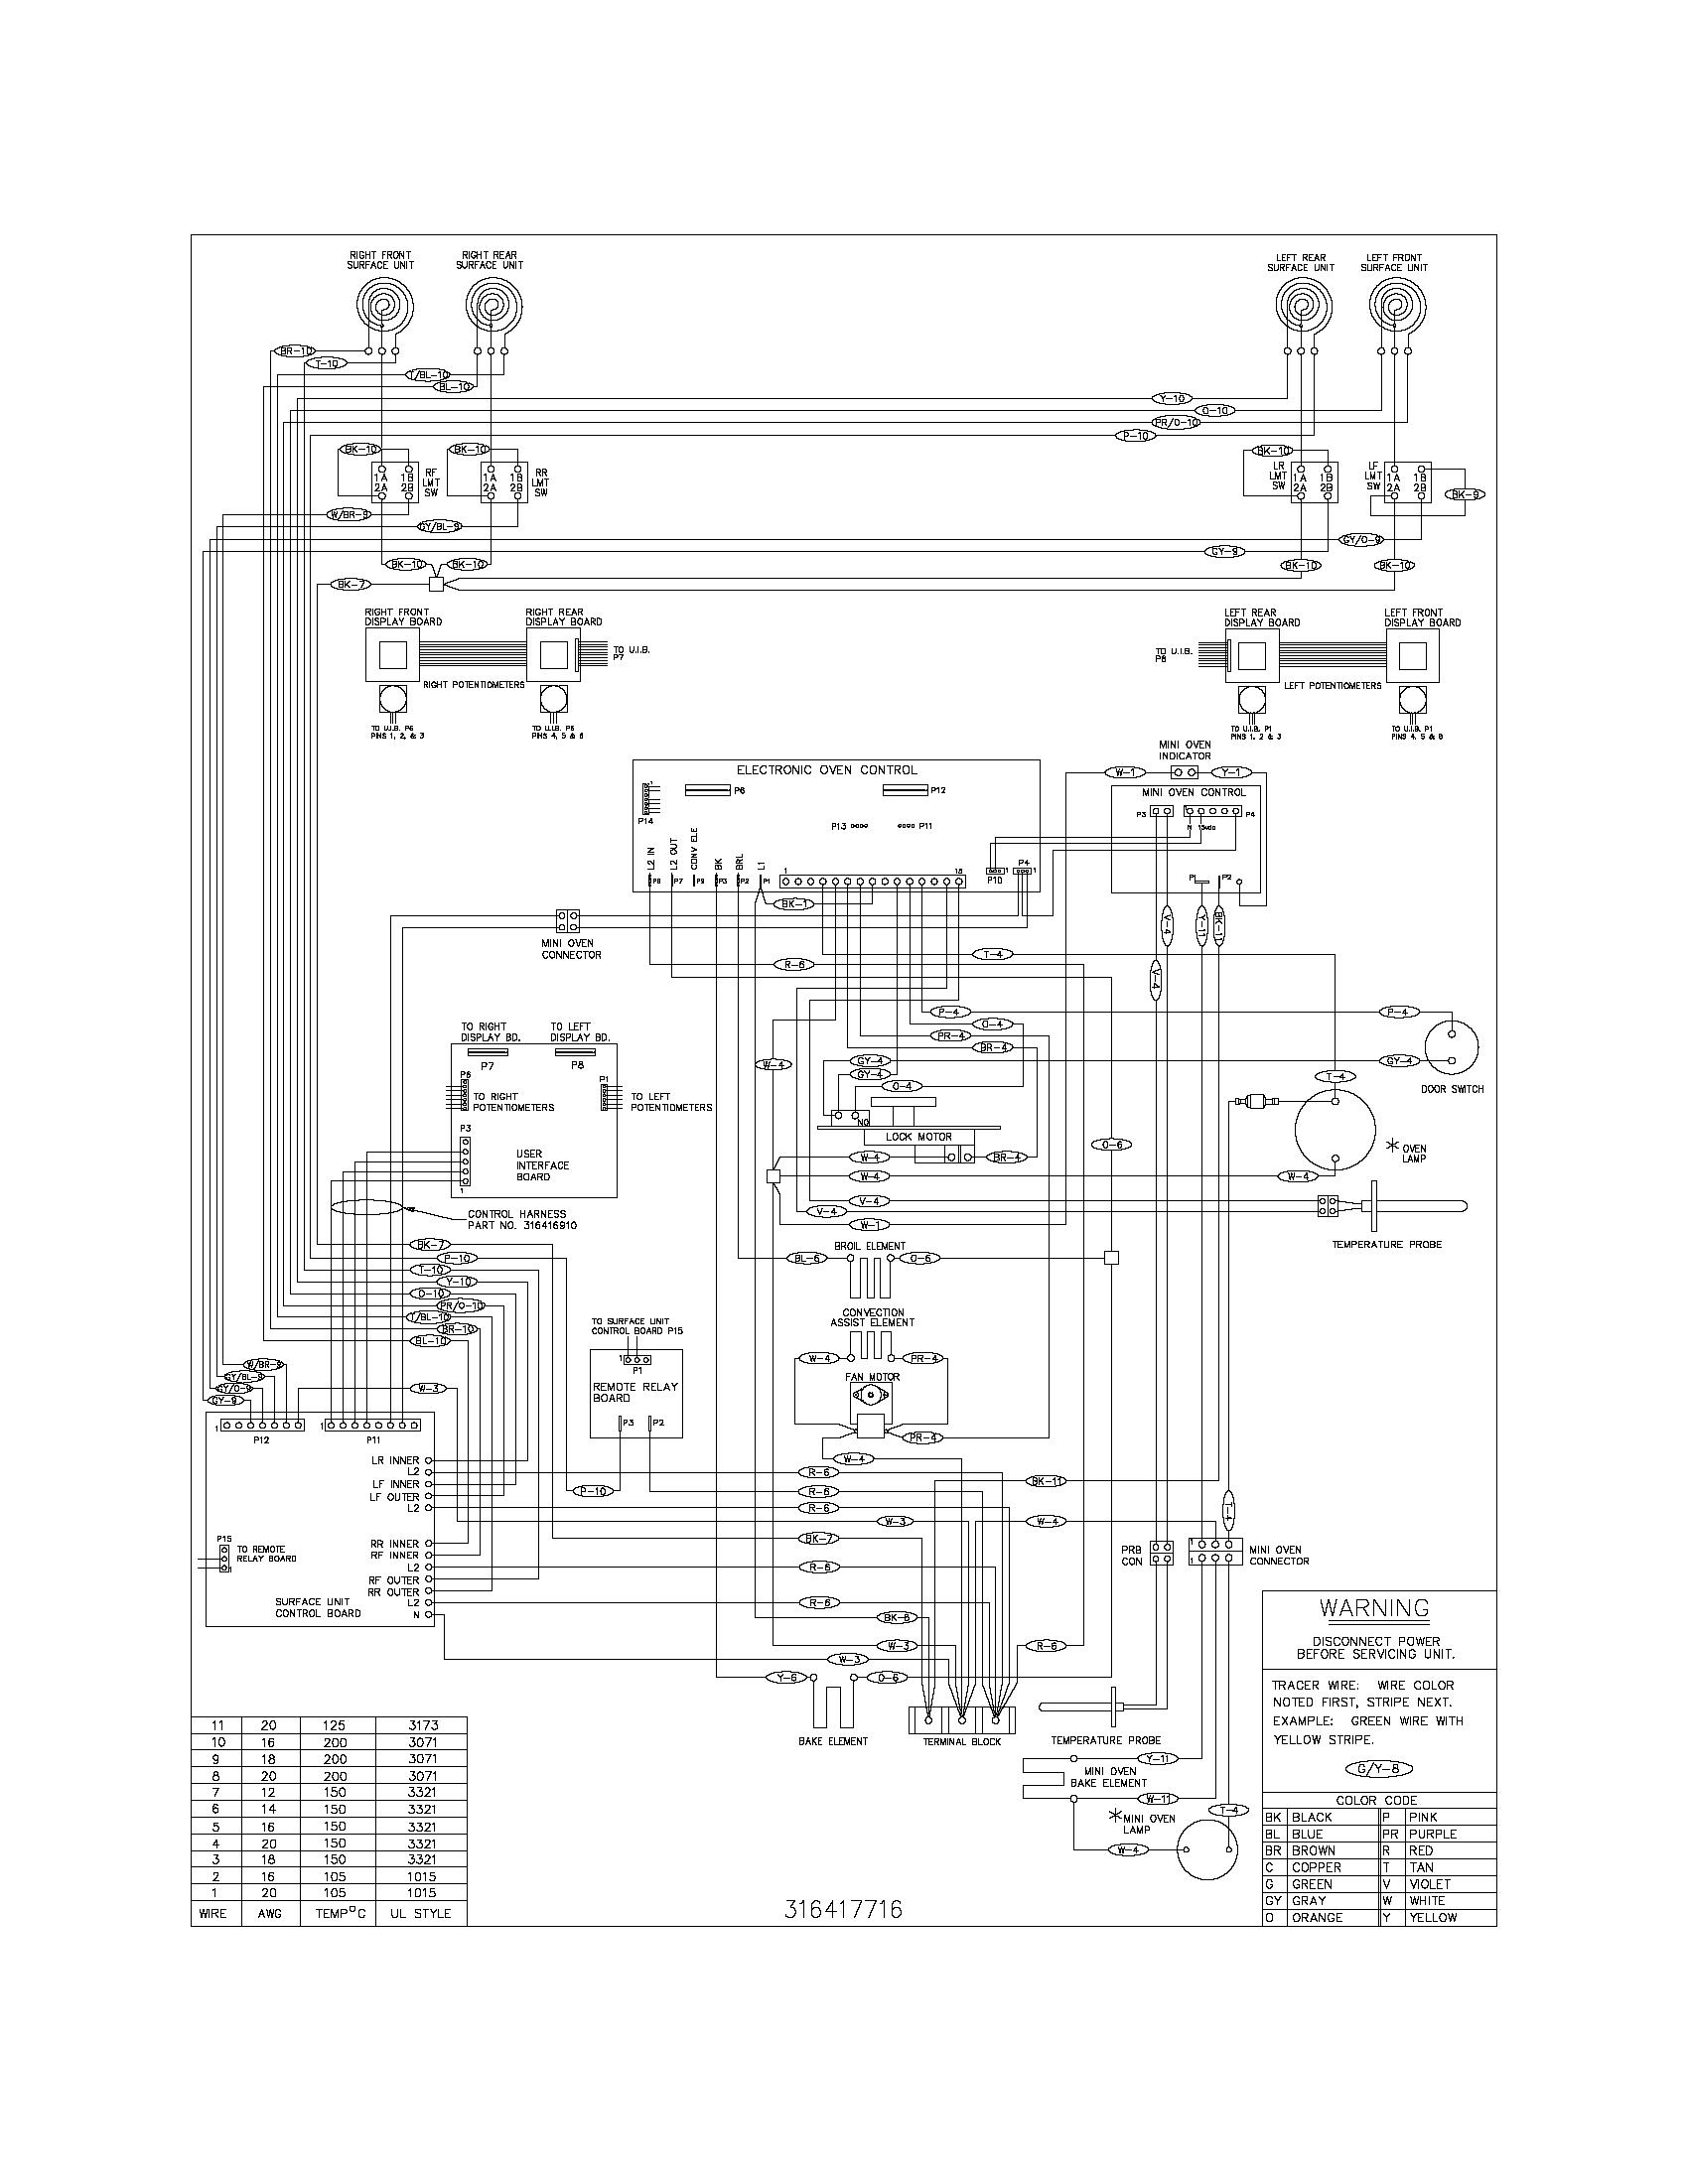 Frigidaire Frs26lf8cb1 Wiring Diagram